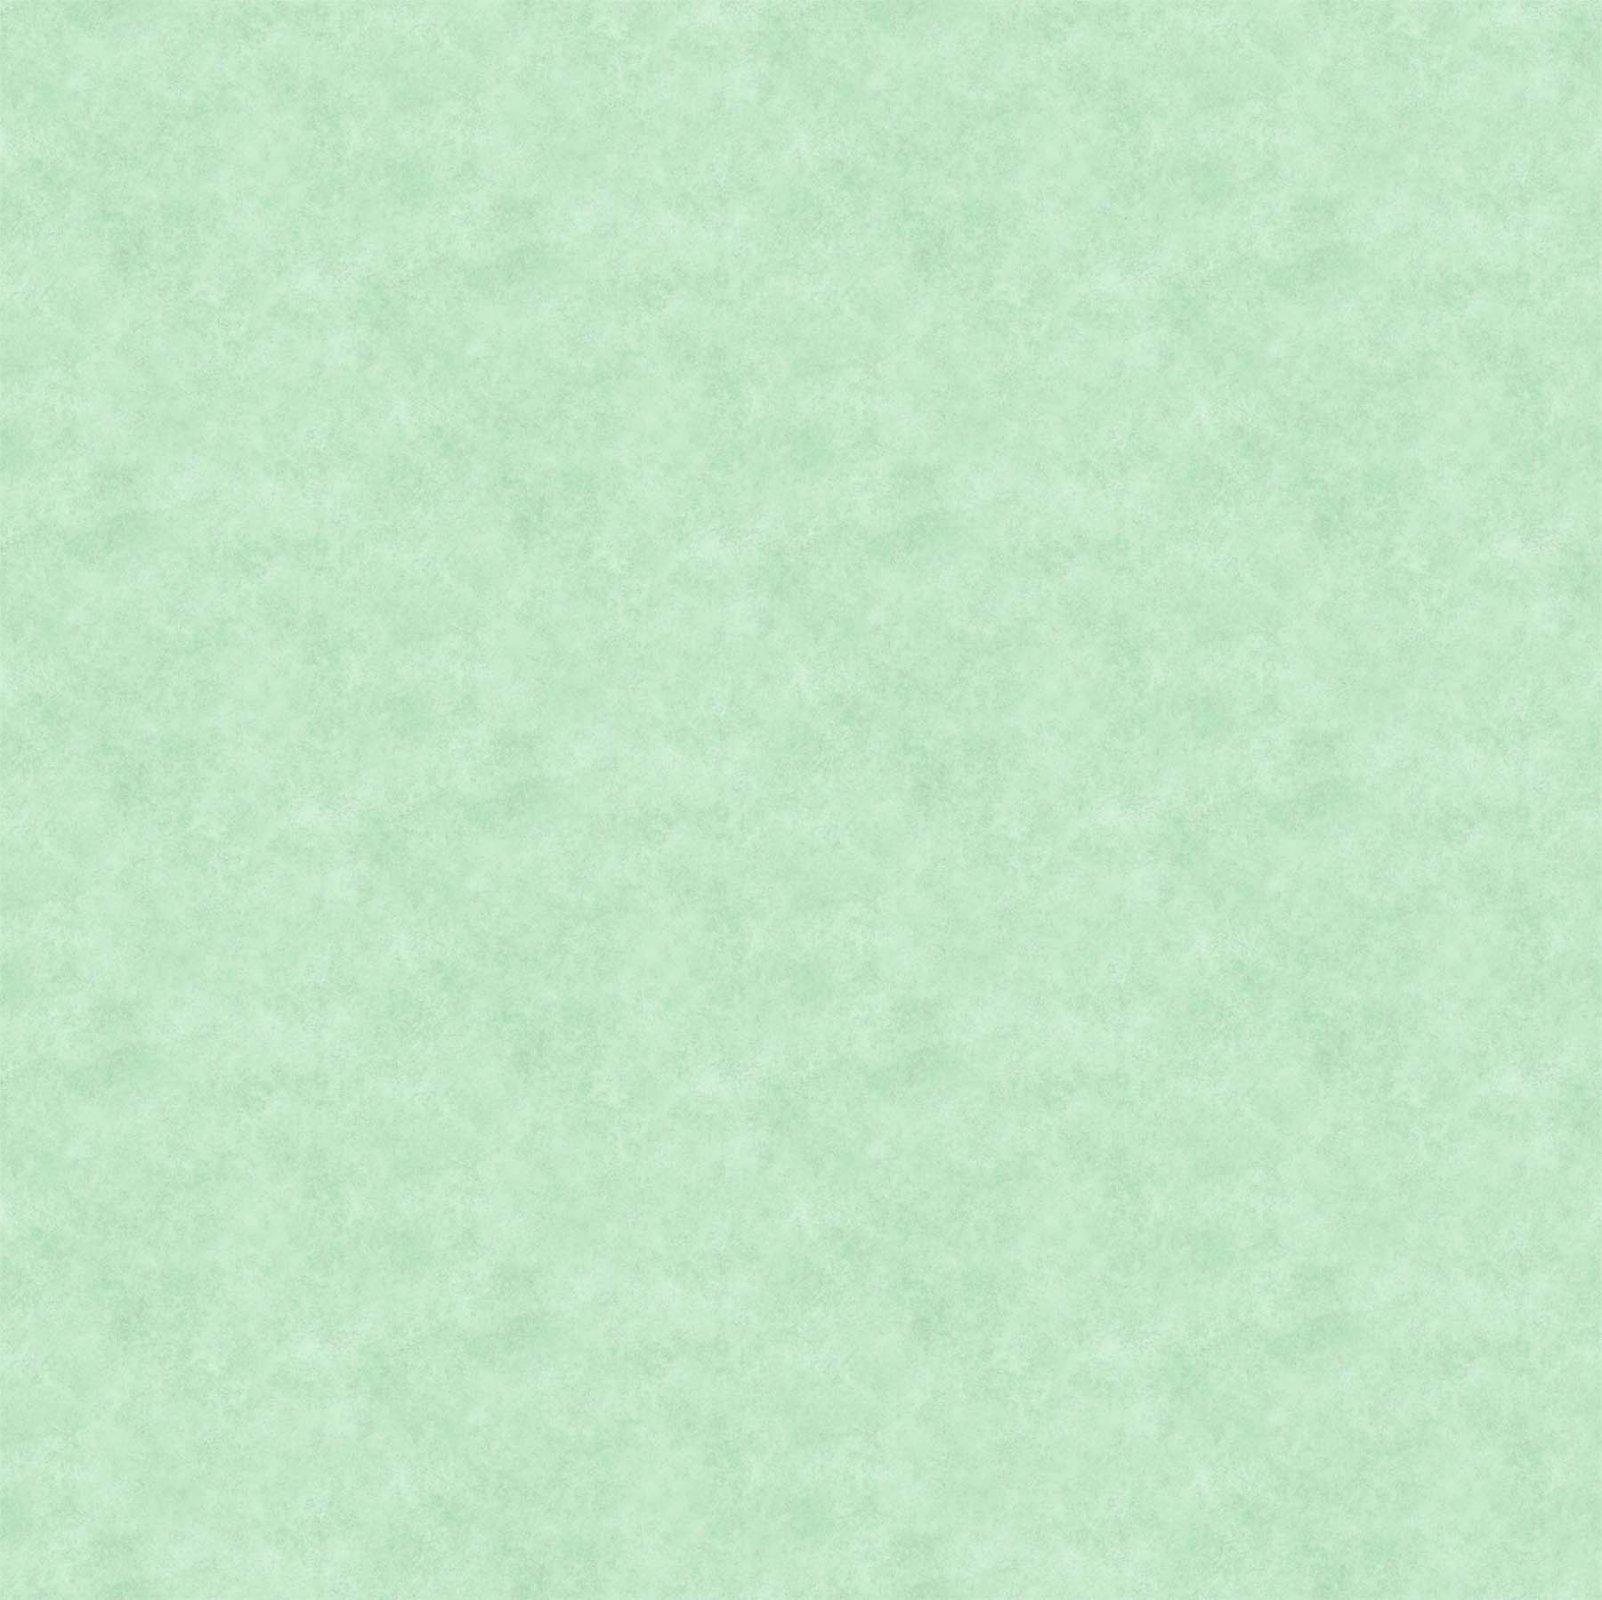 Shimmer - Radiance - Seafoam